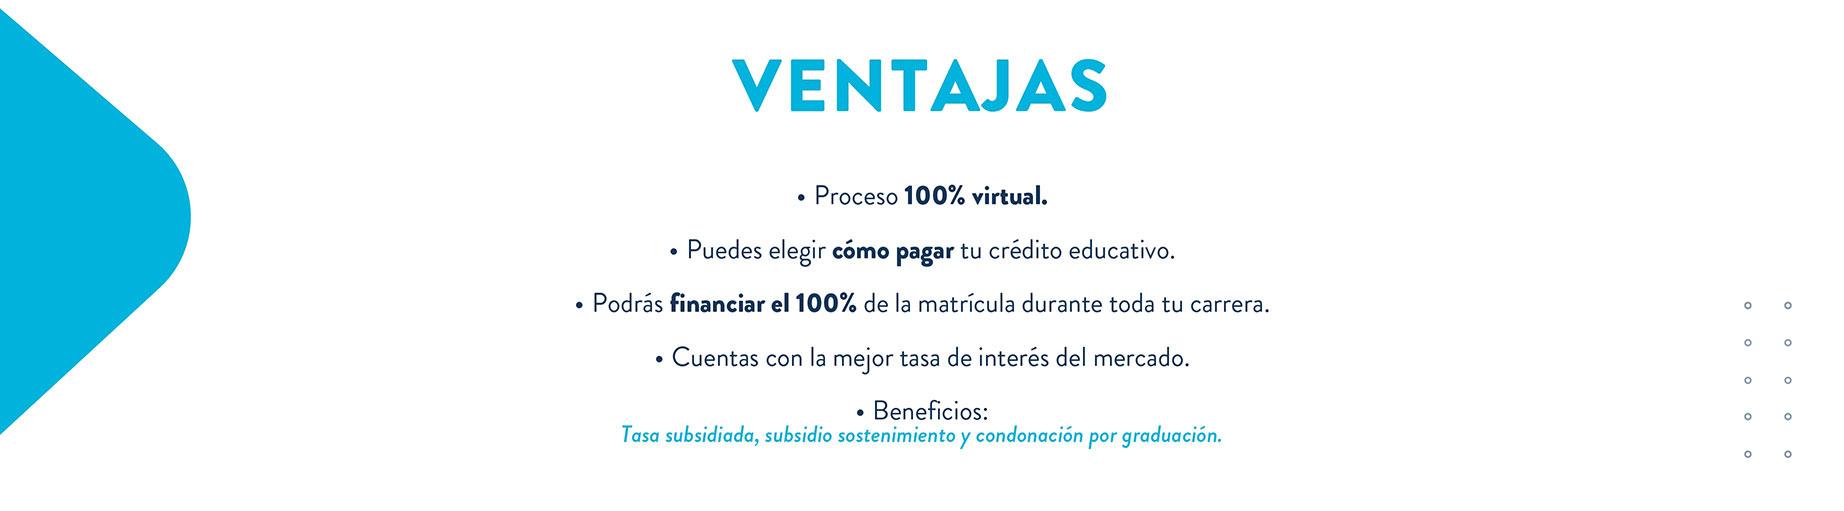 Ventajas Icetex